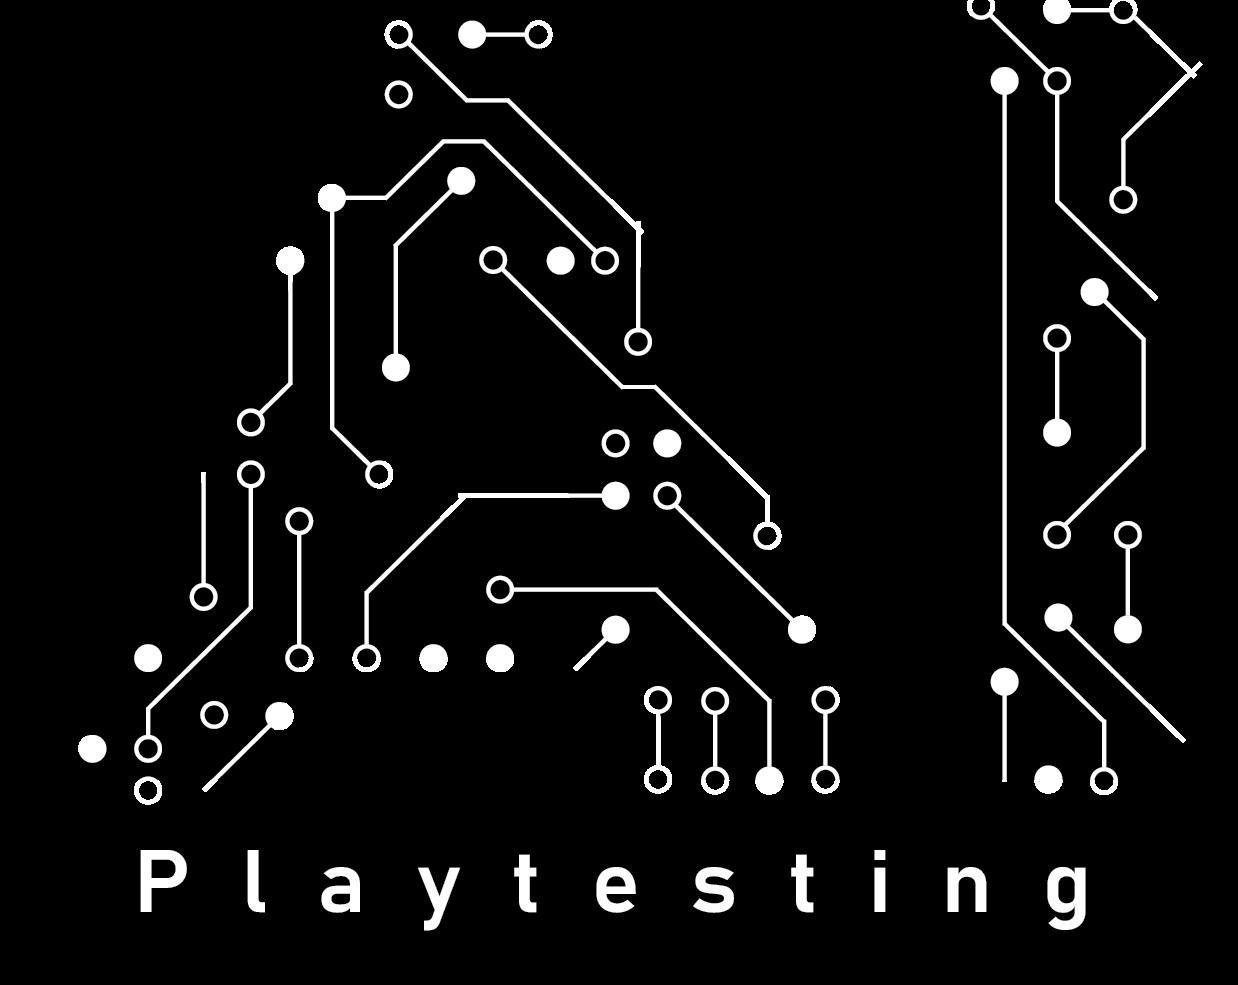 AI Playtesting